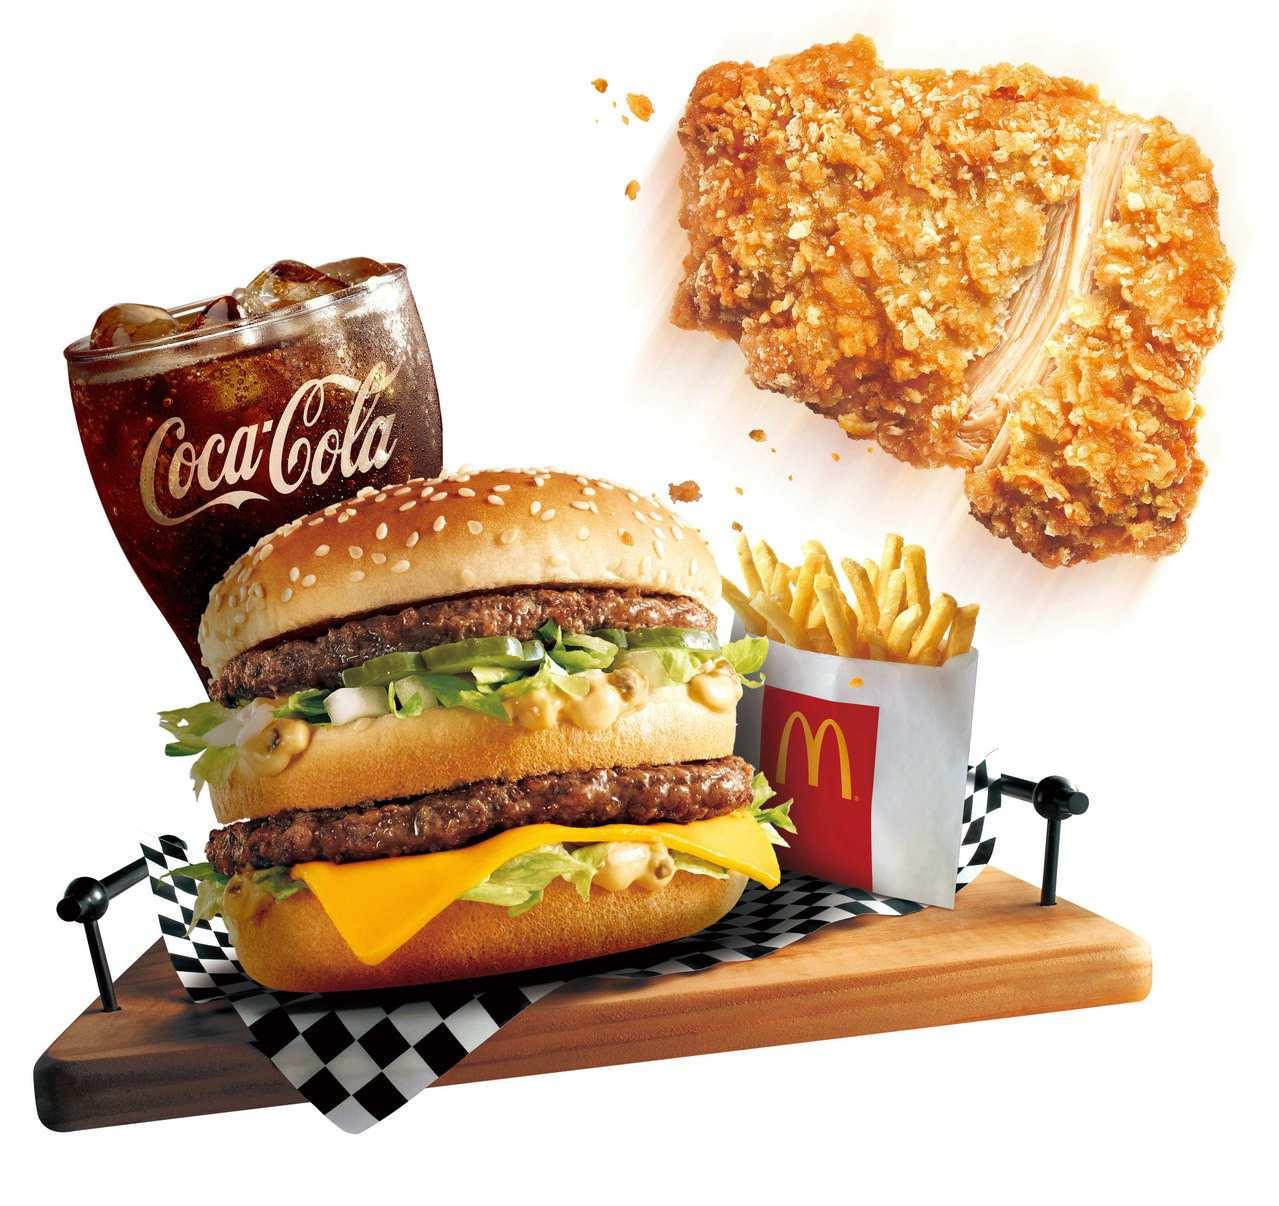 台灣麥當勞明(7)日起至27日,推出四款「豪麥雙拼套餐」。經典大麥克搭配外酥內嫩...